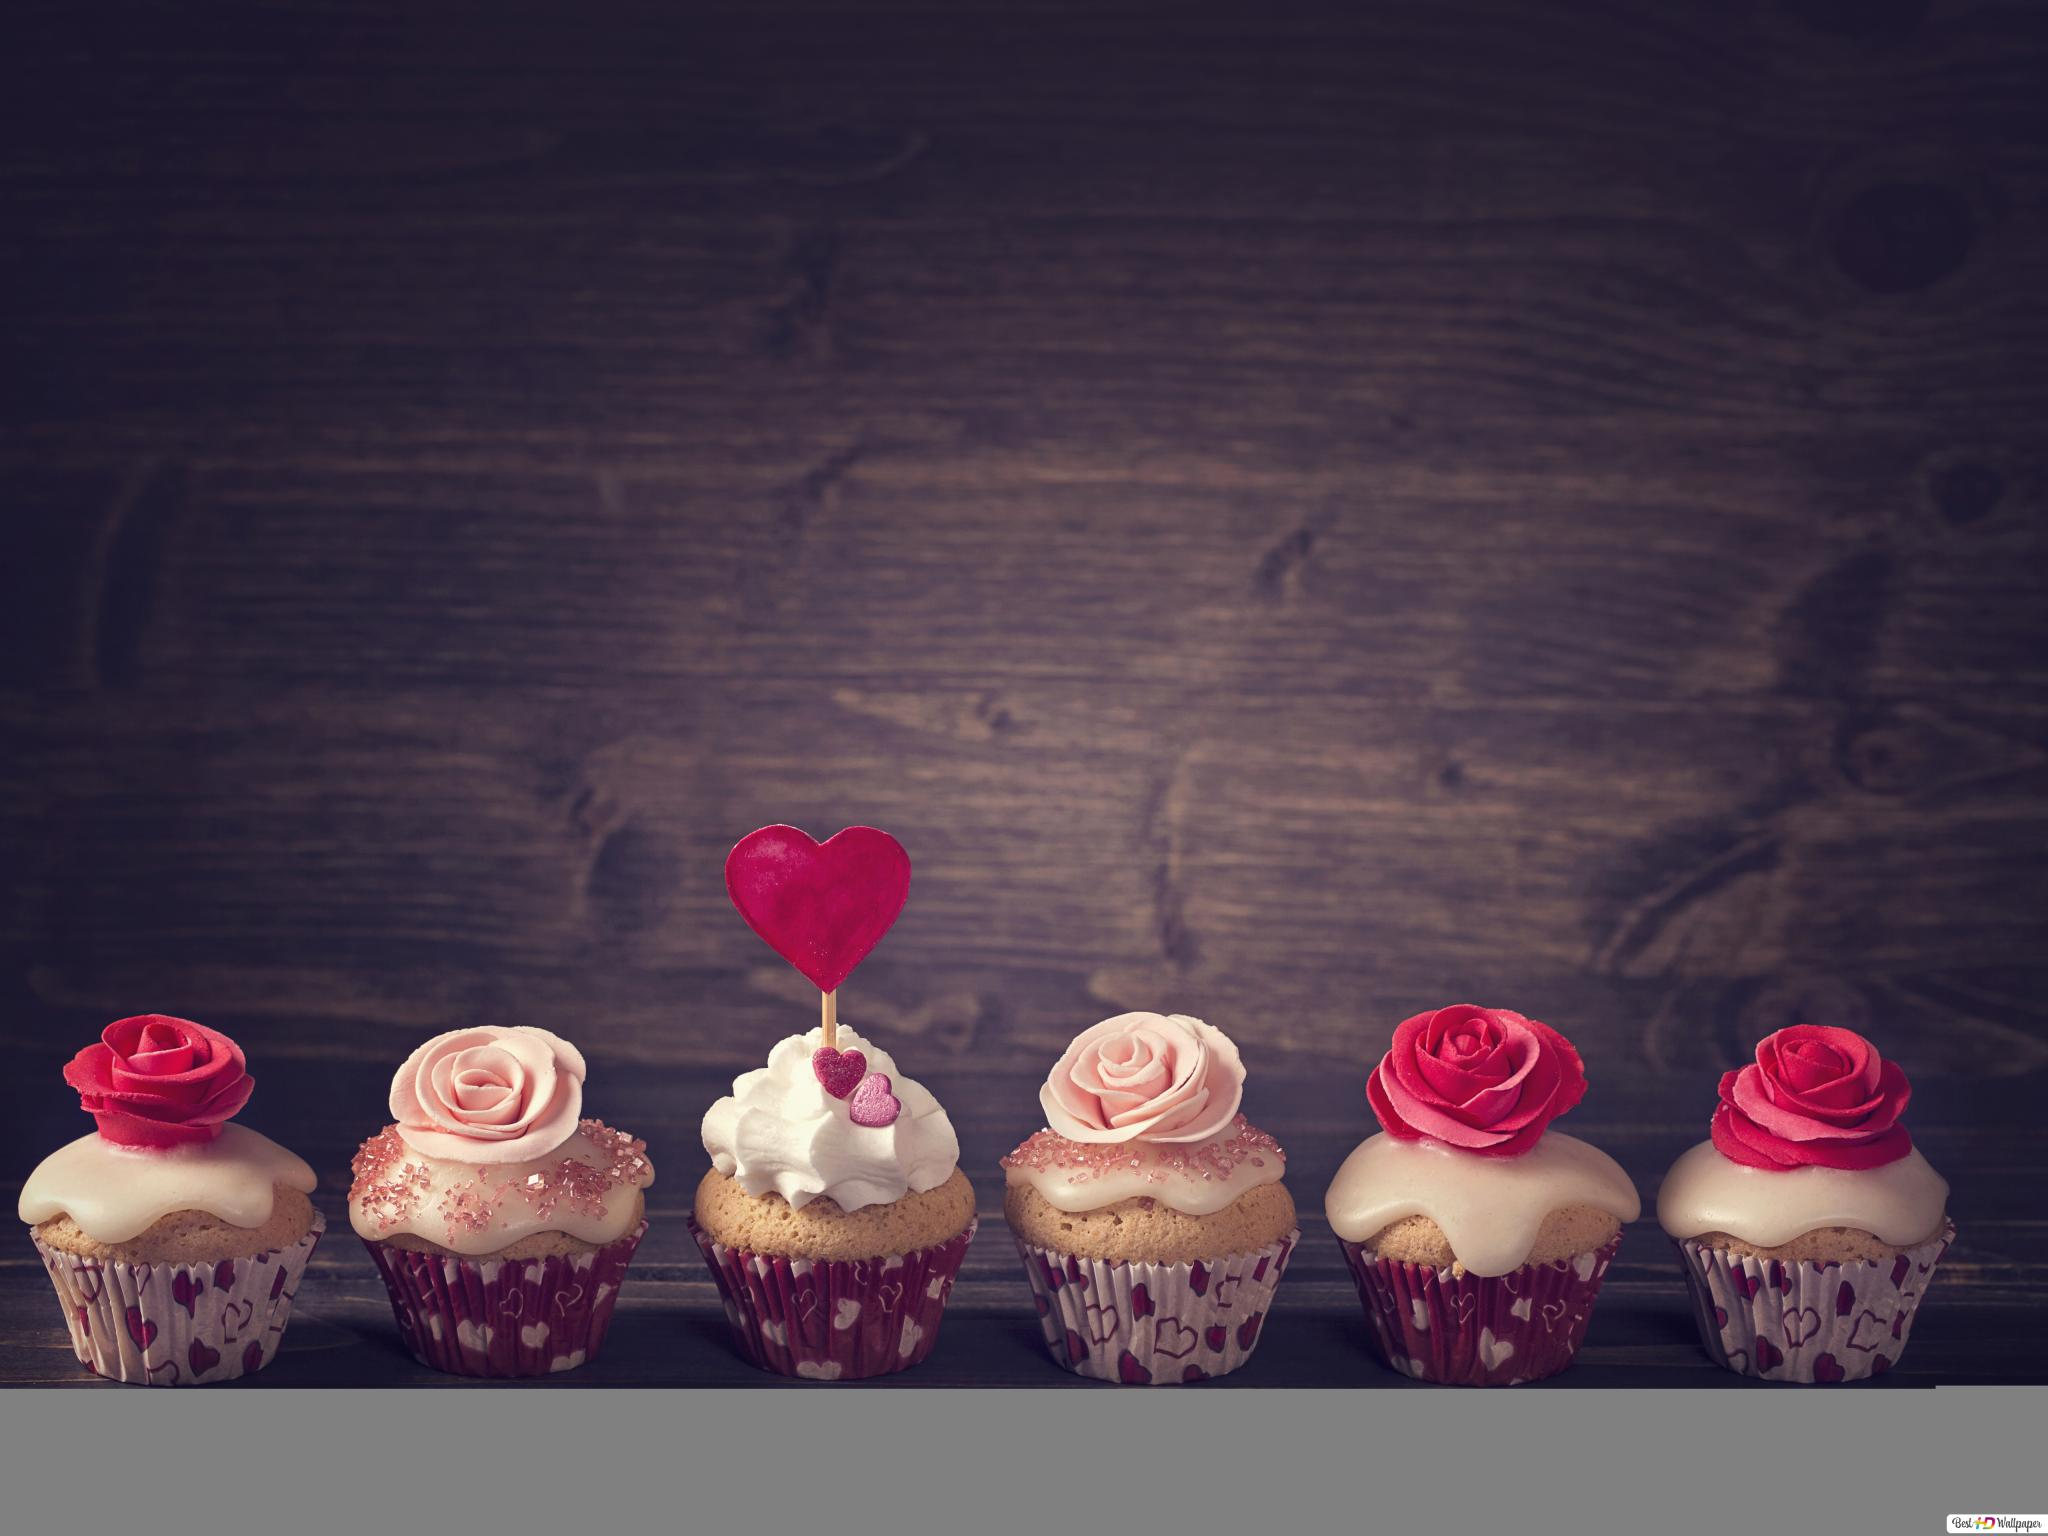 美しいカップケーキ Hd壁紙のダウンロード